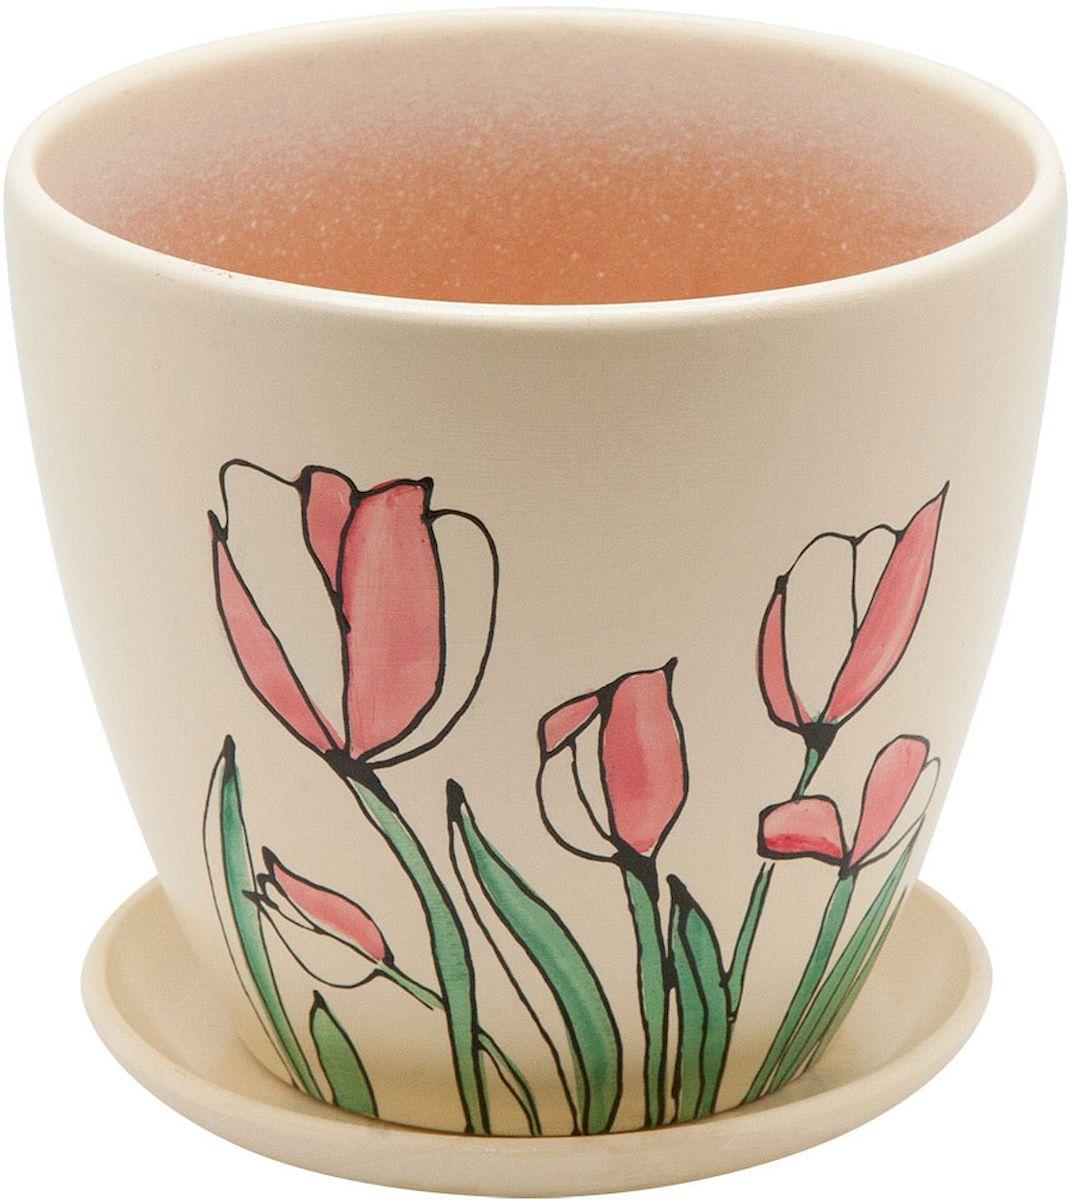 """Керамический горшок """"Engard"""" - это идеальное решение для выращивания комнатных растений и создания изысканности в интерьере. Керамический горшок сделан из высококачественной глины в классической форме и оригинальном дизайне.Объем: 2,4 л."""